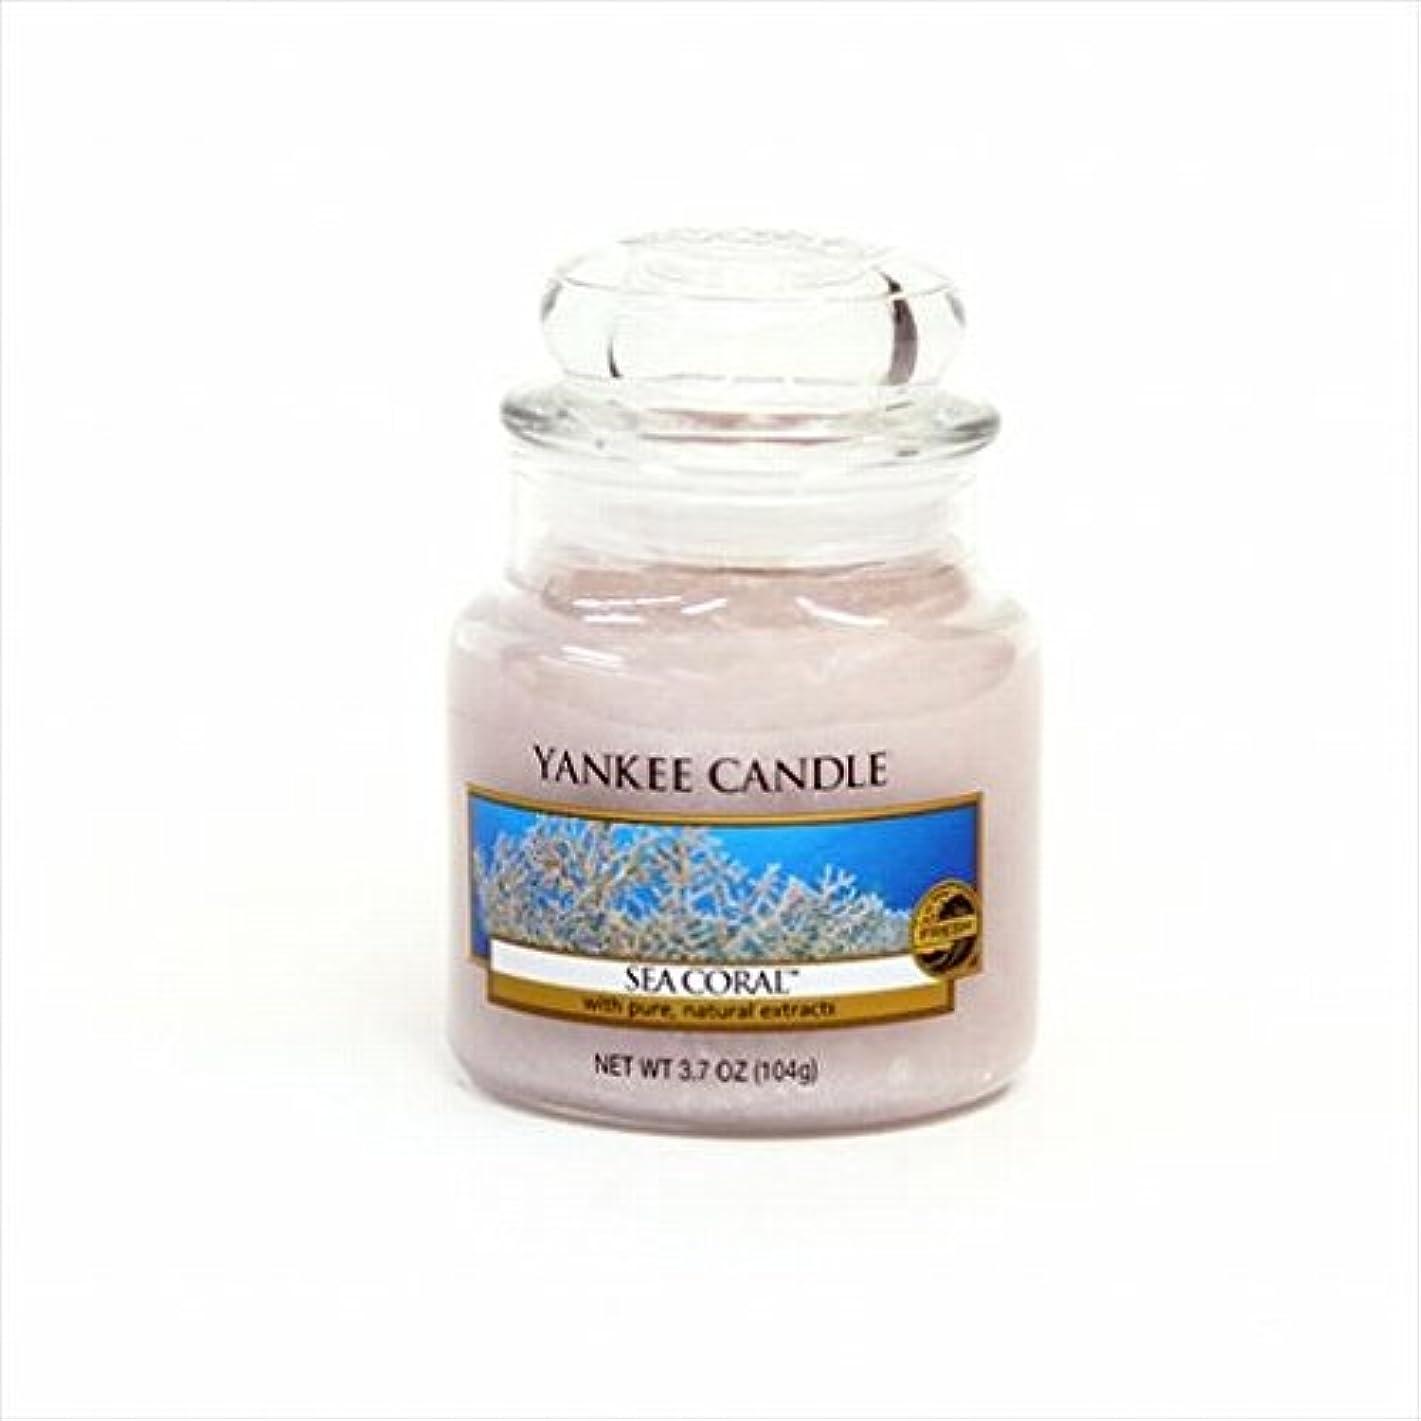 皿古い花瓶カメヤマキャンドル(kameyama candle) YANKEE CANDLE ジャーS 「 シーコーラル 」